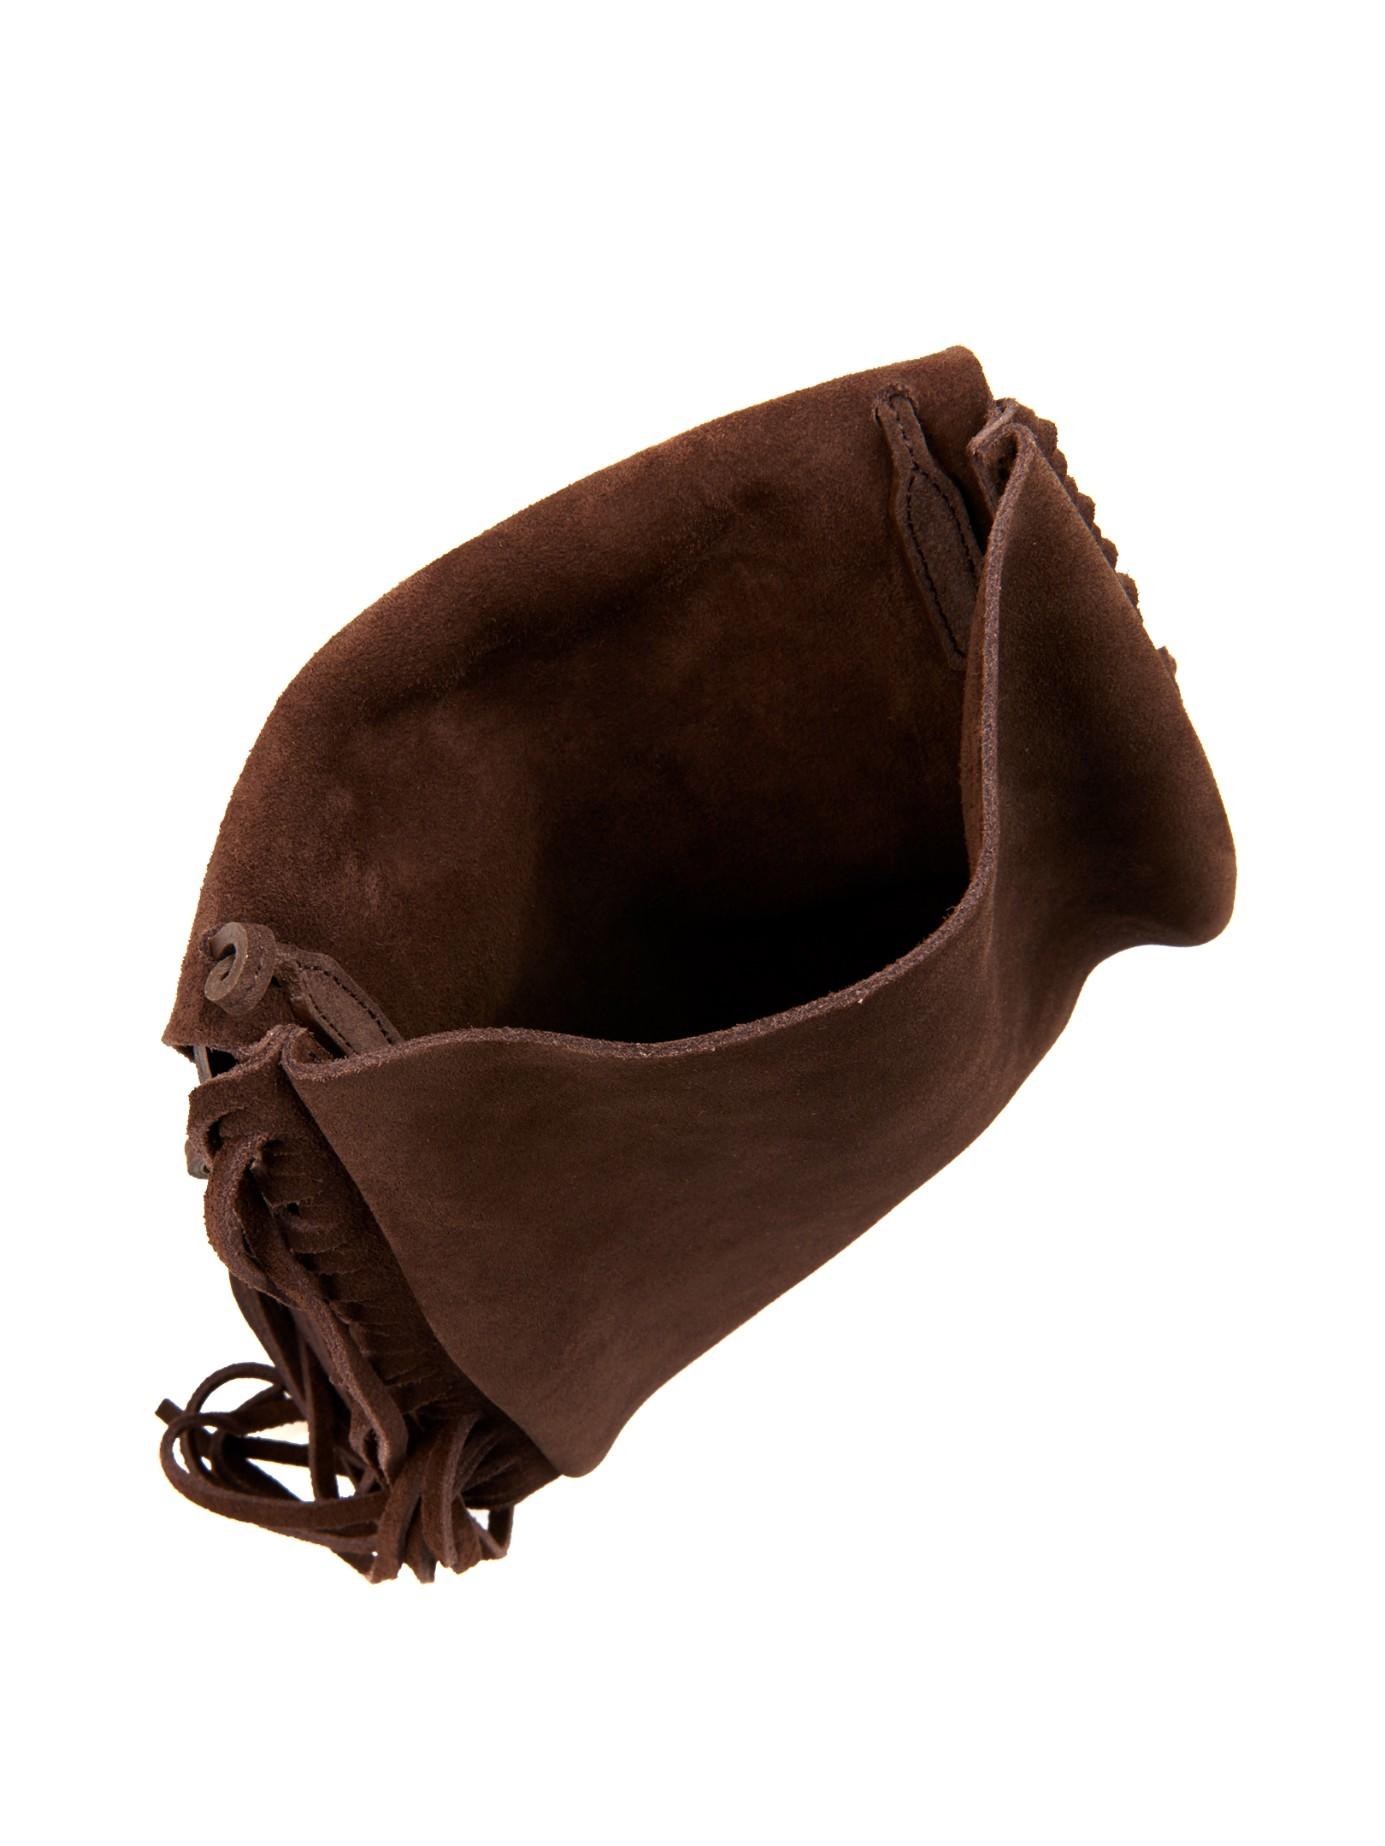 yves saint laurent classic monogram fringed suede shoulder bag